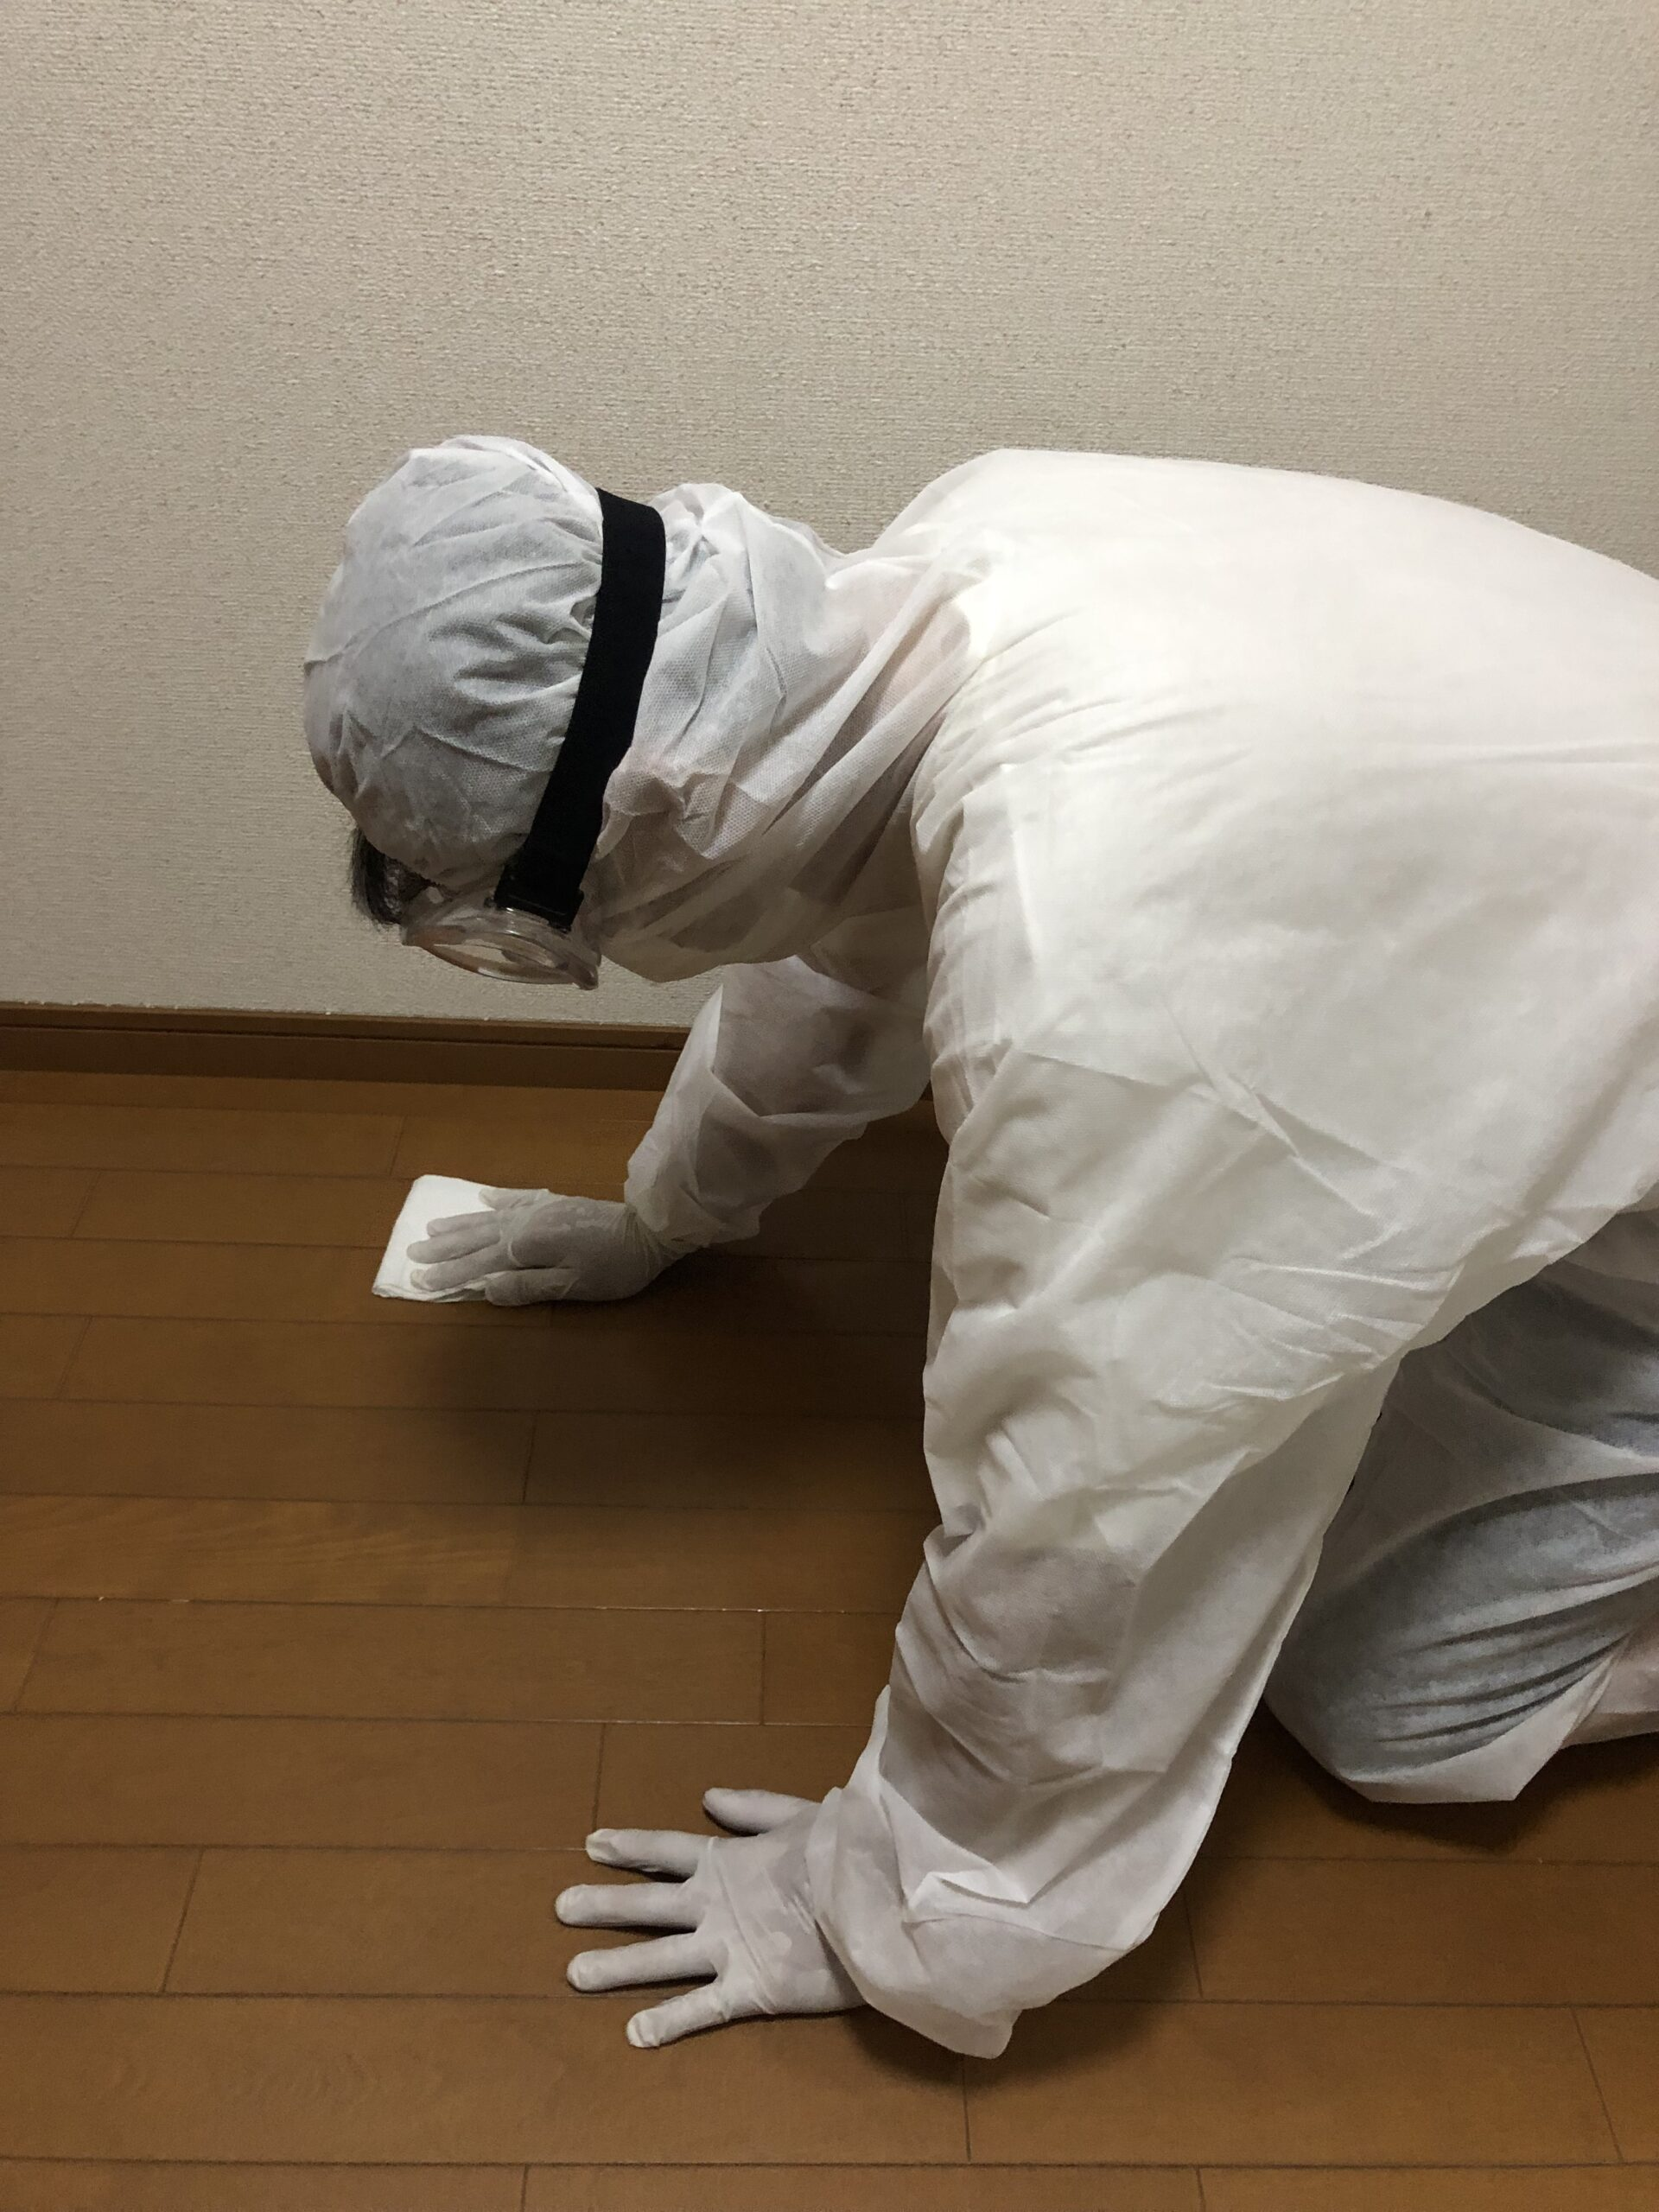 宝塚市にお住いの方からSOSでコロナ除菌・消毒作業